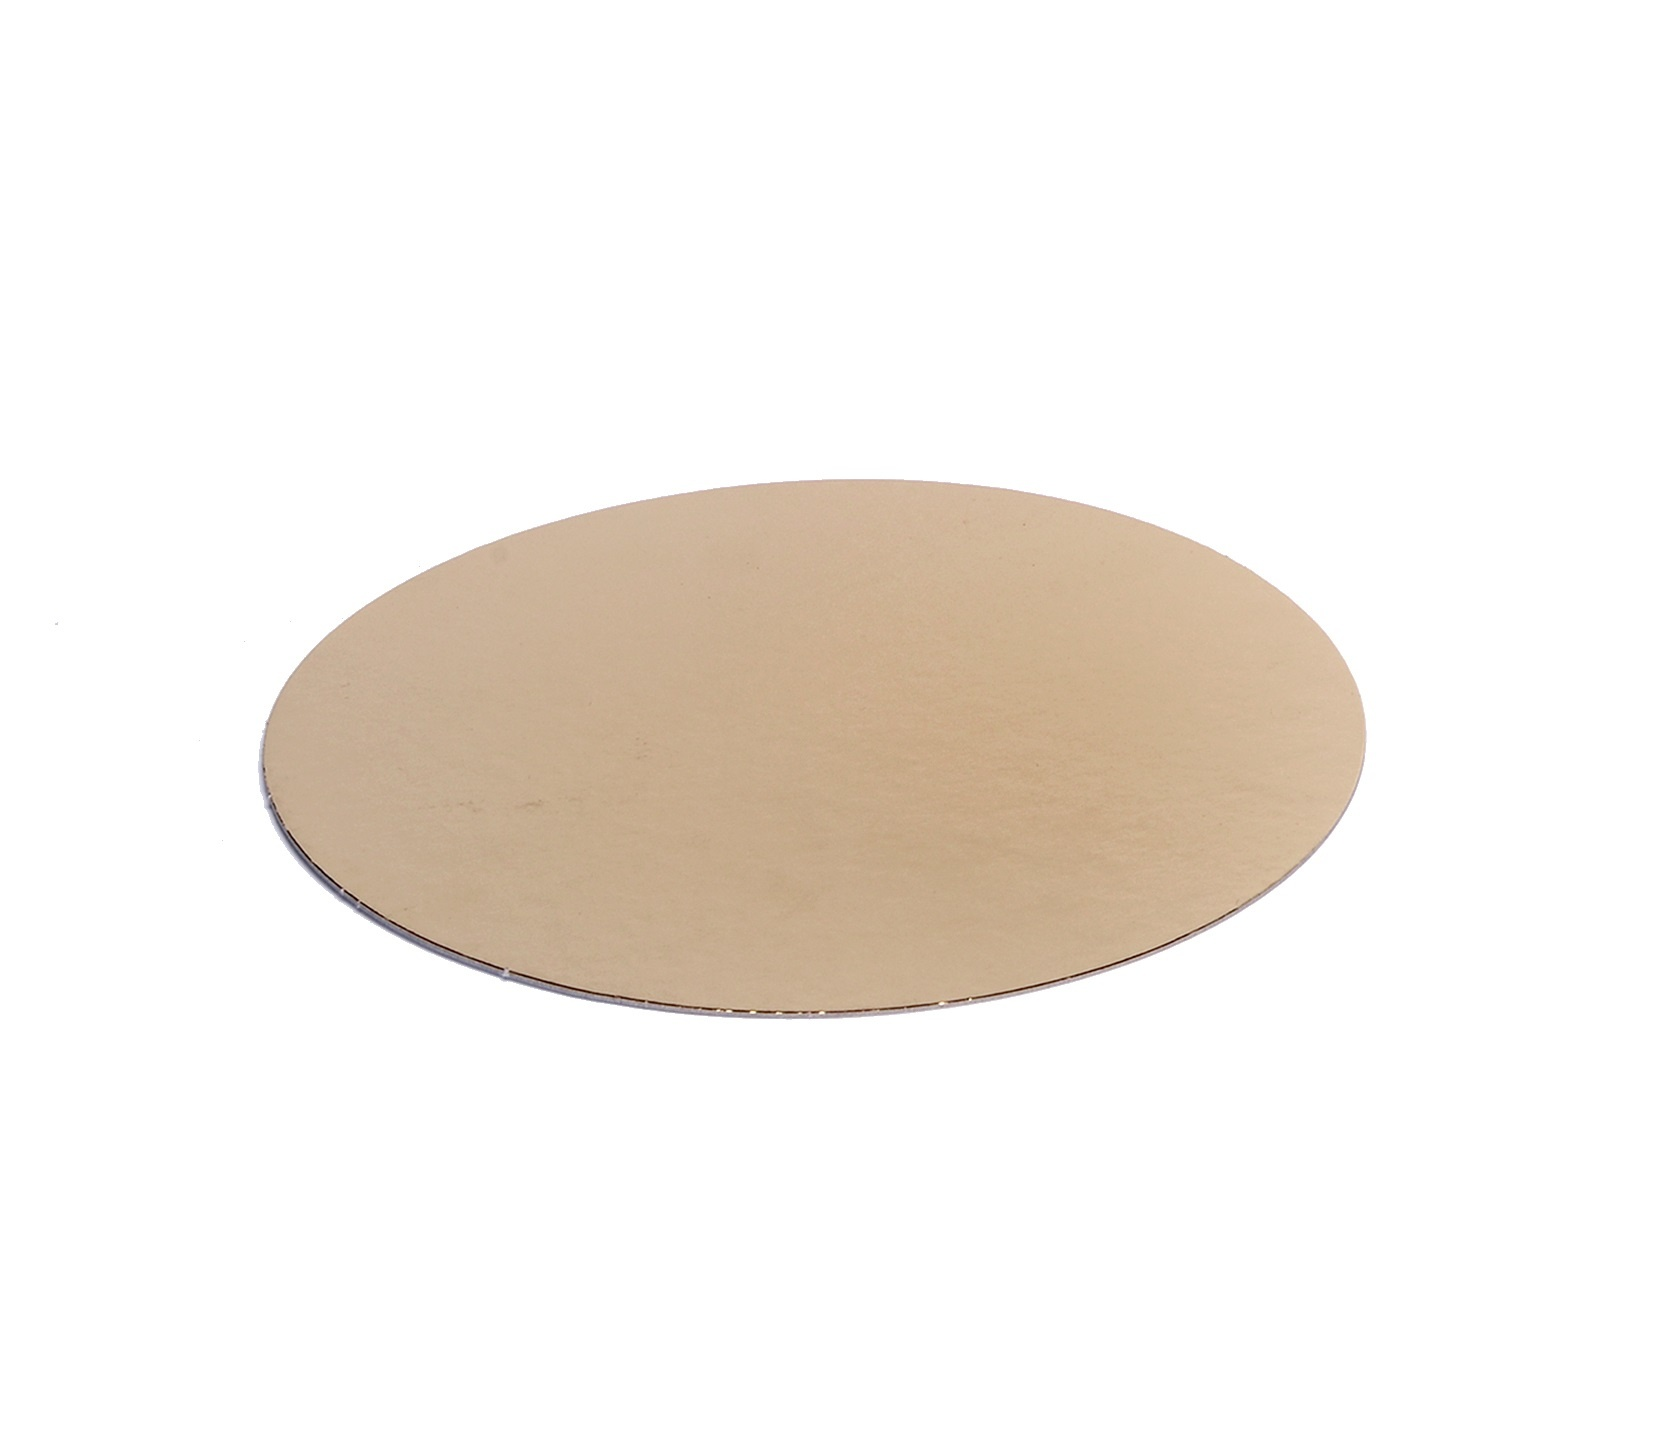 Kartonnen rondel zilver/goud Ø 200 mm pakje van 250 stuks